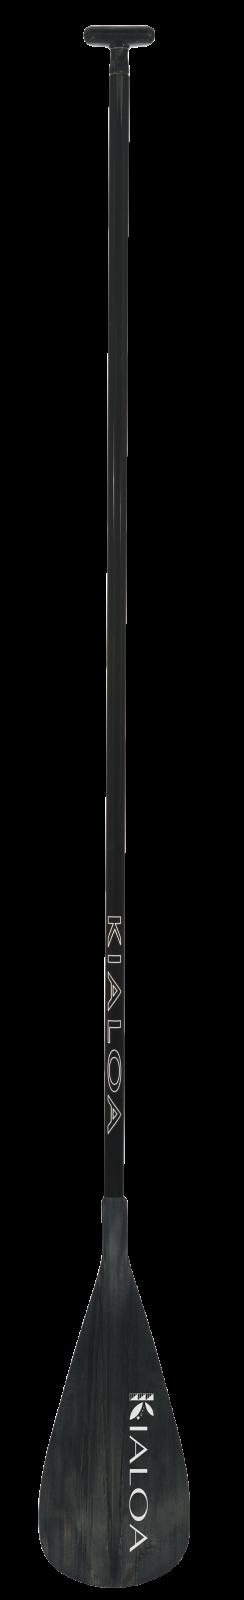 Kialoa Insanity Carbon Fixed Small Blade Ergo - T